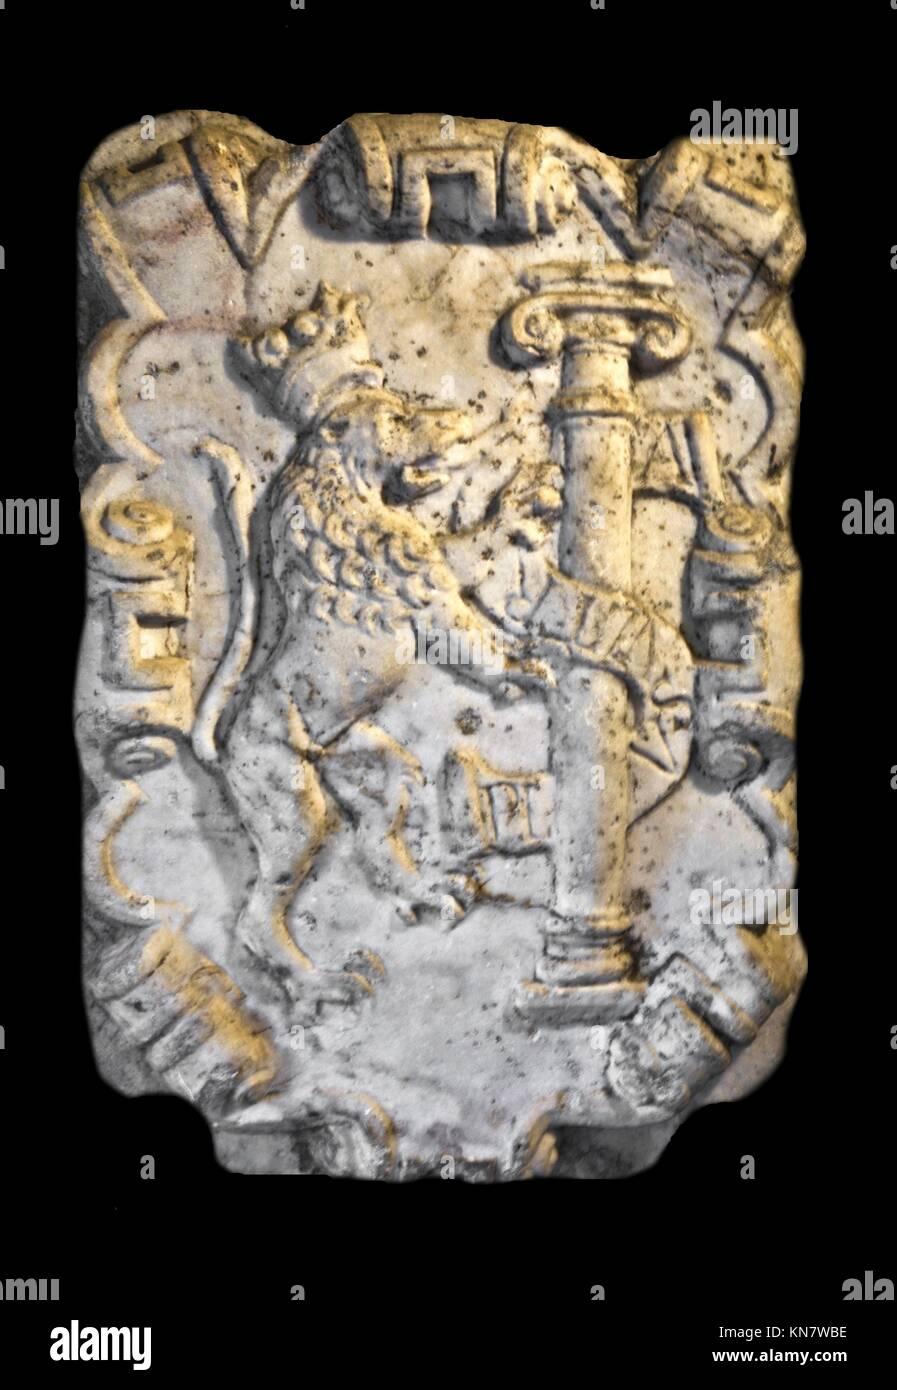 Blason de la province de Badajoz (Espagne): D'azur, une colonne, d'argent, ruban, l'or, avec la Photo Stock